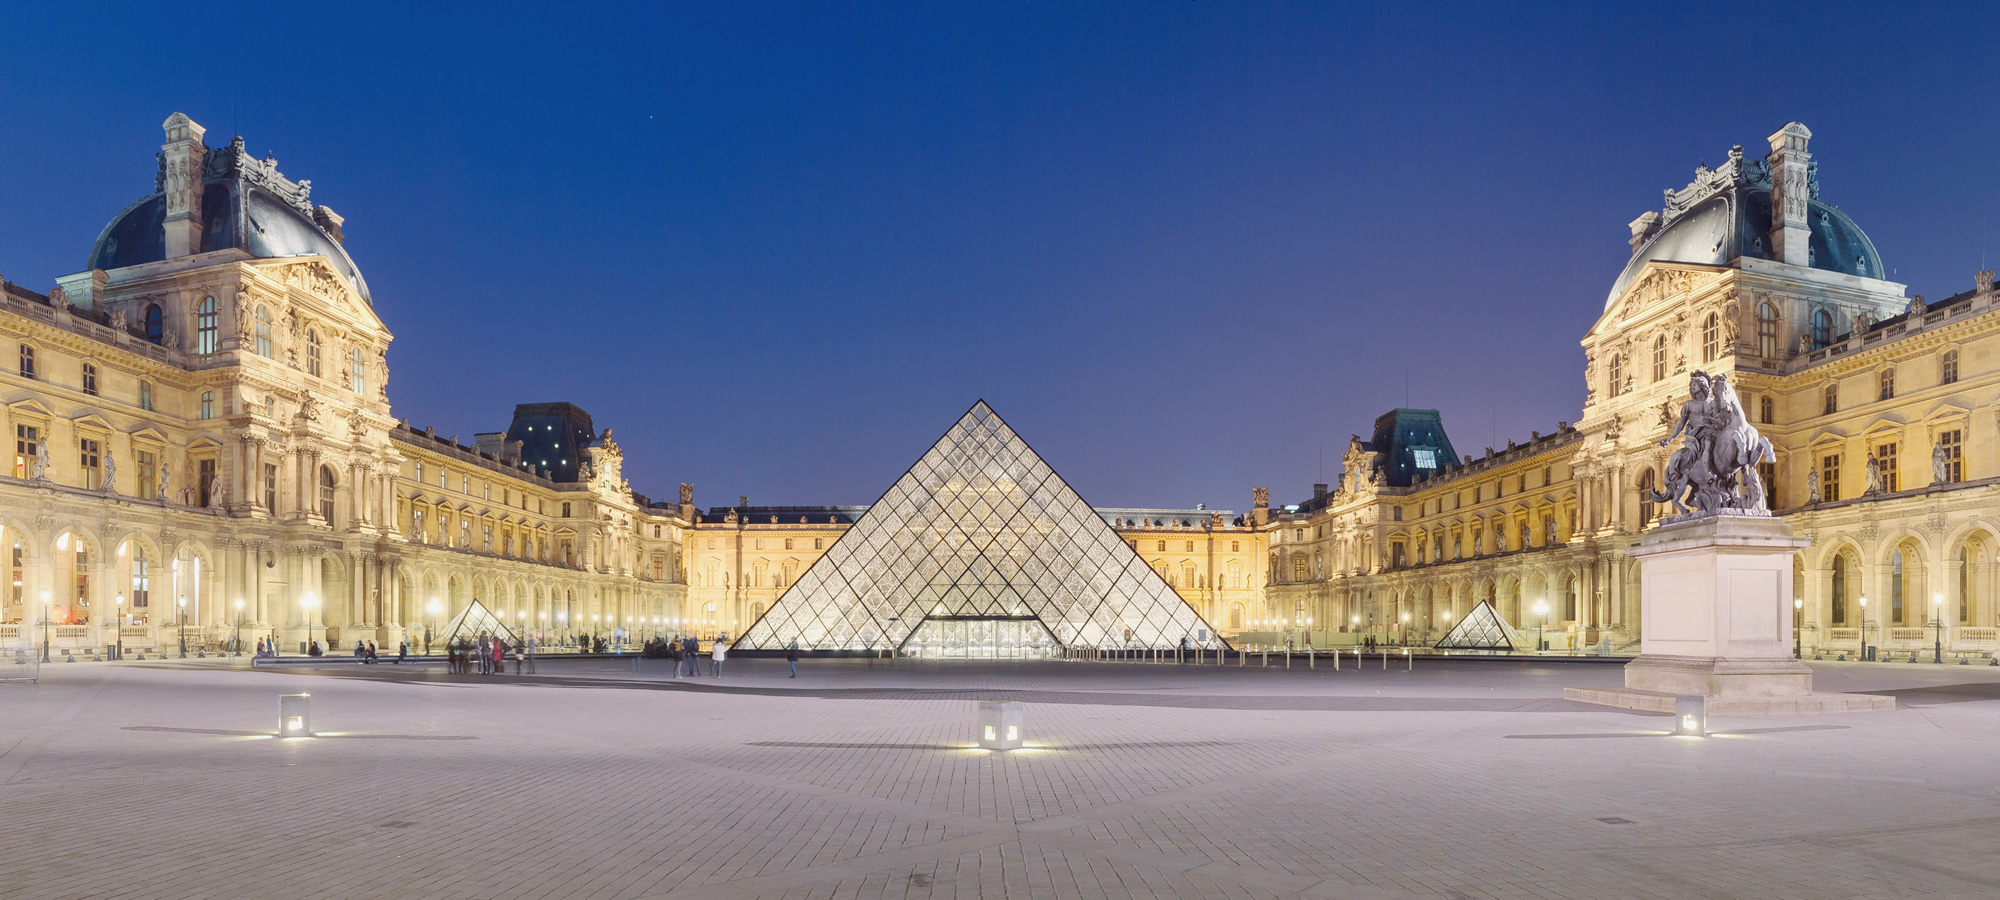 Museo del Louvre, París. La exposición de arte más grande de Francia.